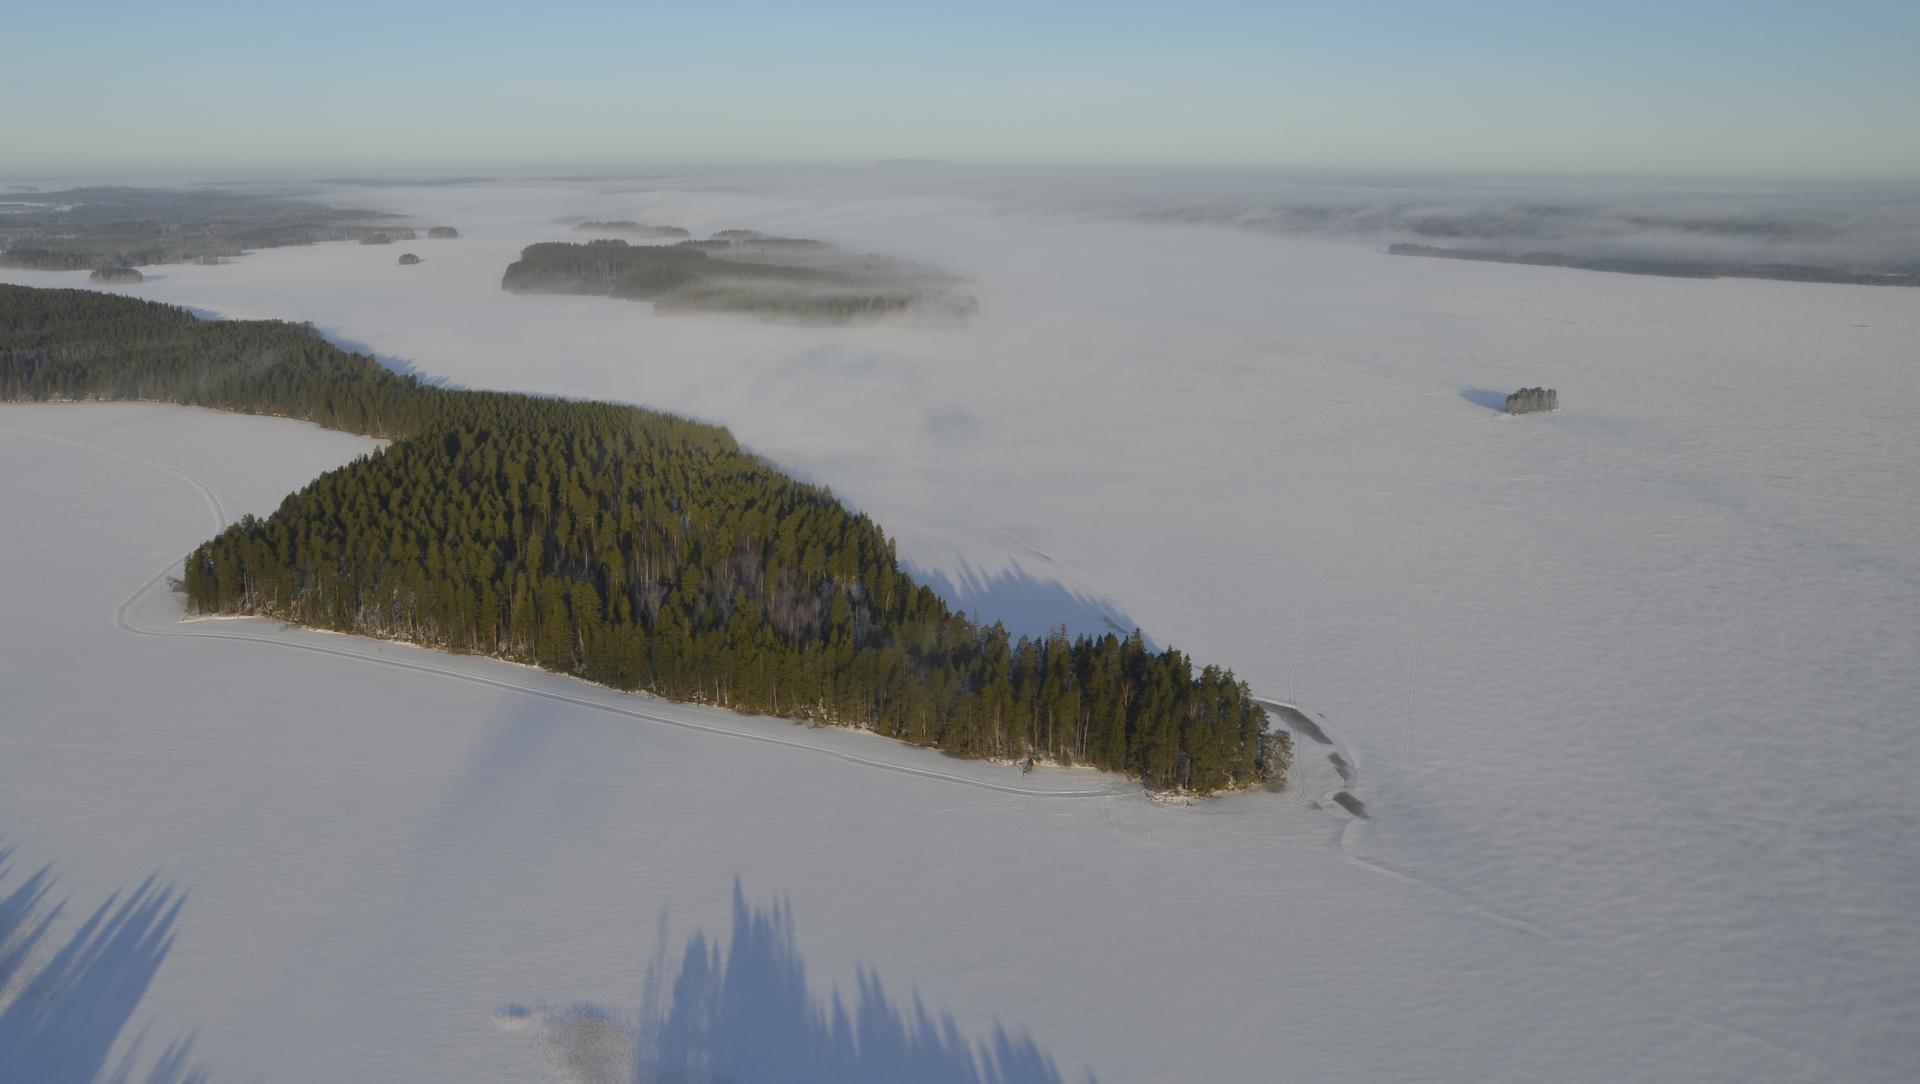 Rakajansaaren kaakkoispää jossa laavu sijaitsee. Taustalla Matoselkä.